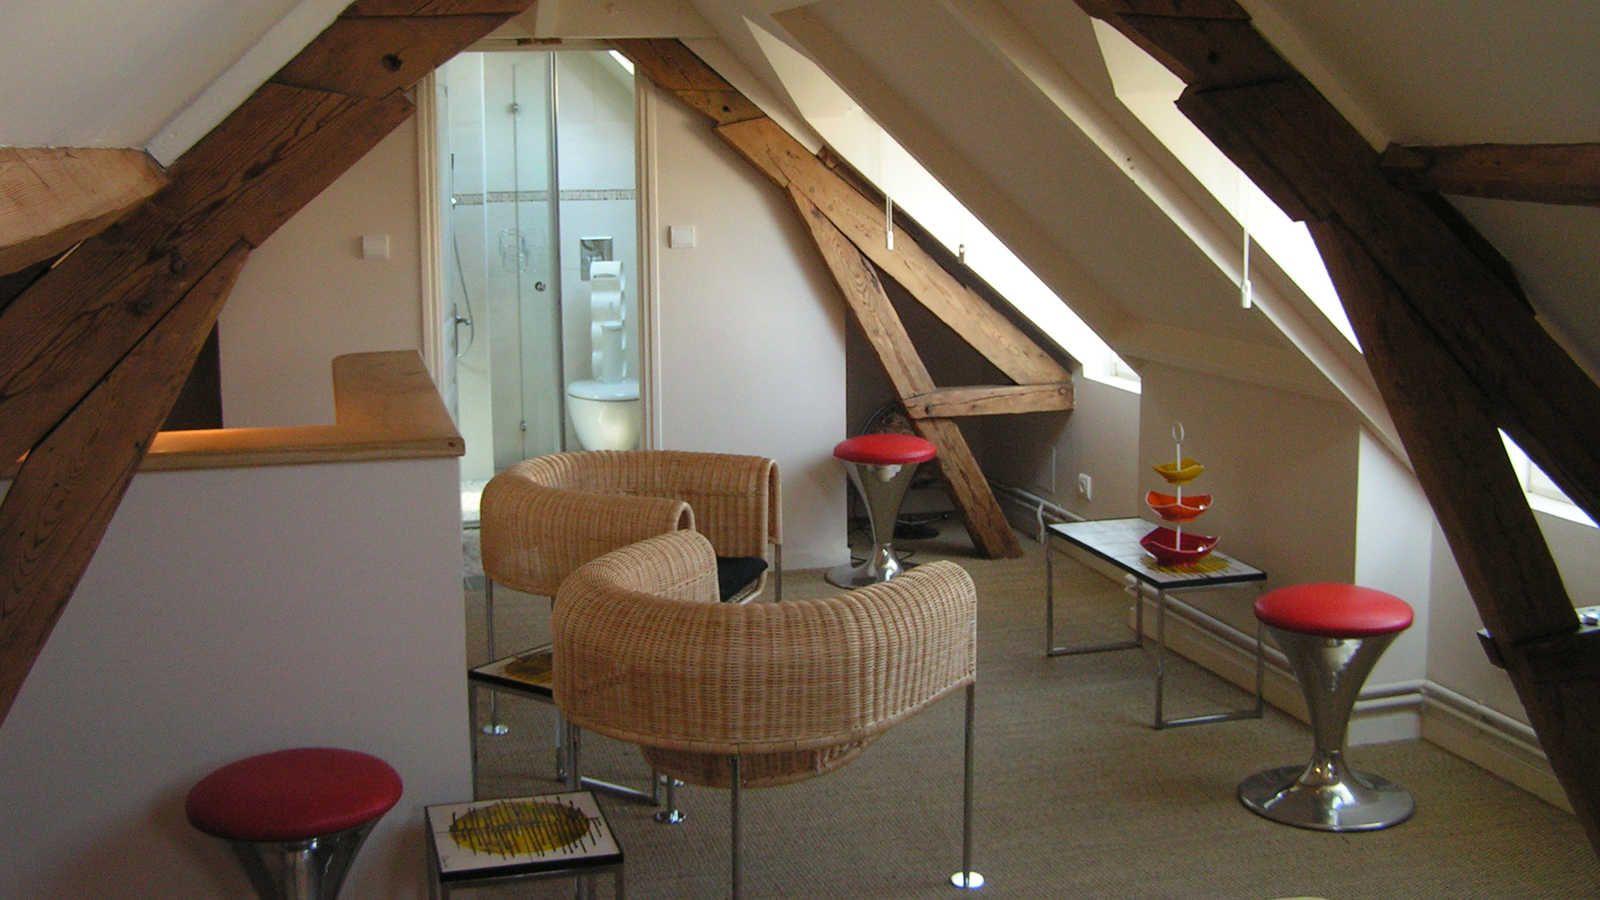 Suite laigle guesthouse chambre d 39 hote table d 39 hote - Chambre d hote couleur bois et spa ...